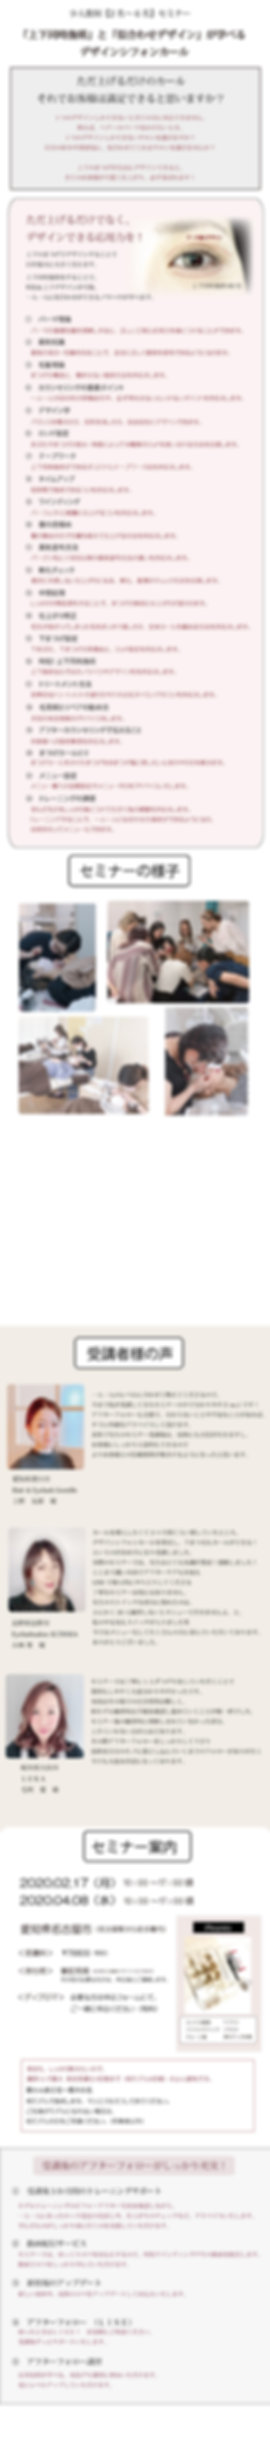 セミナー-シフォンパーマ.jpg